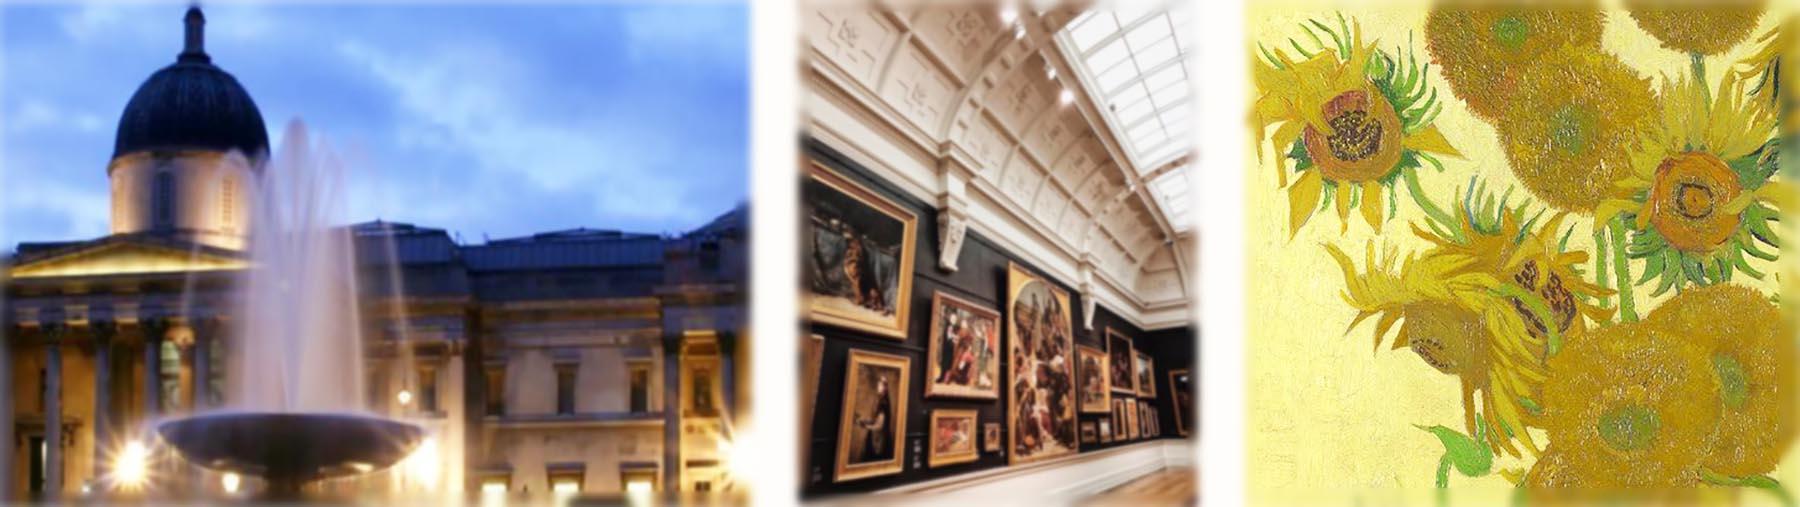 ロンドンナショナルギャラリー展 ゴッホ ひまわり 国立西洋美術館 2020年